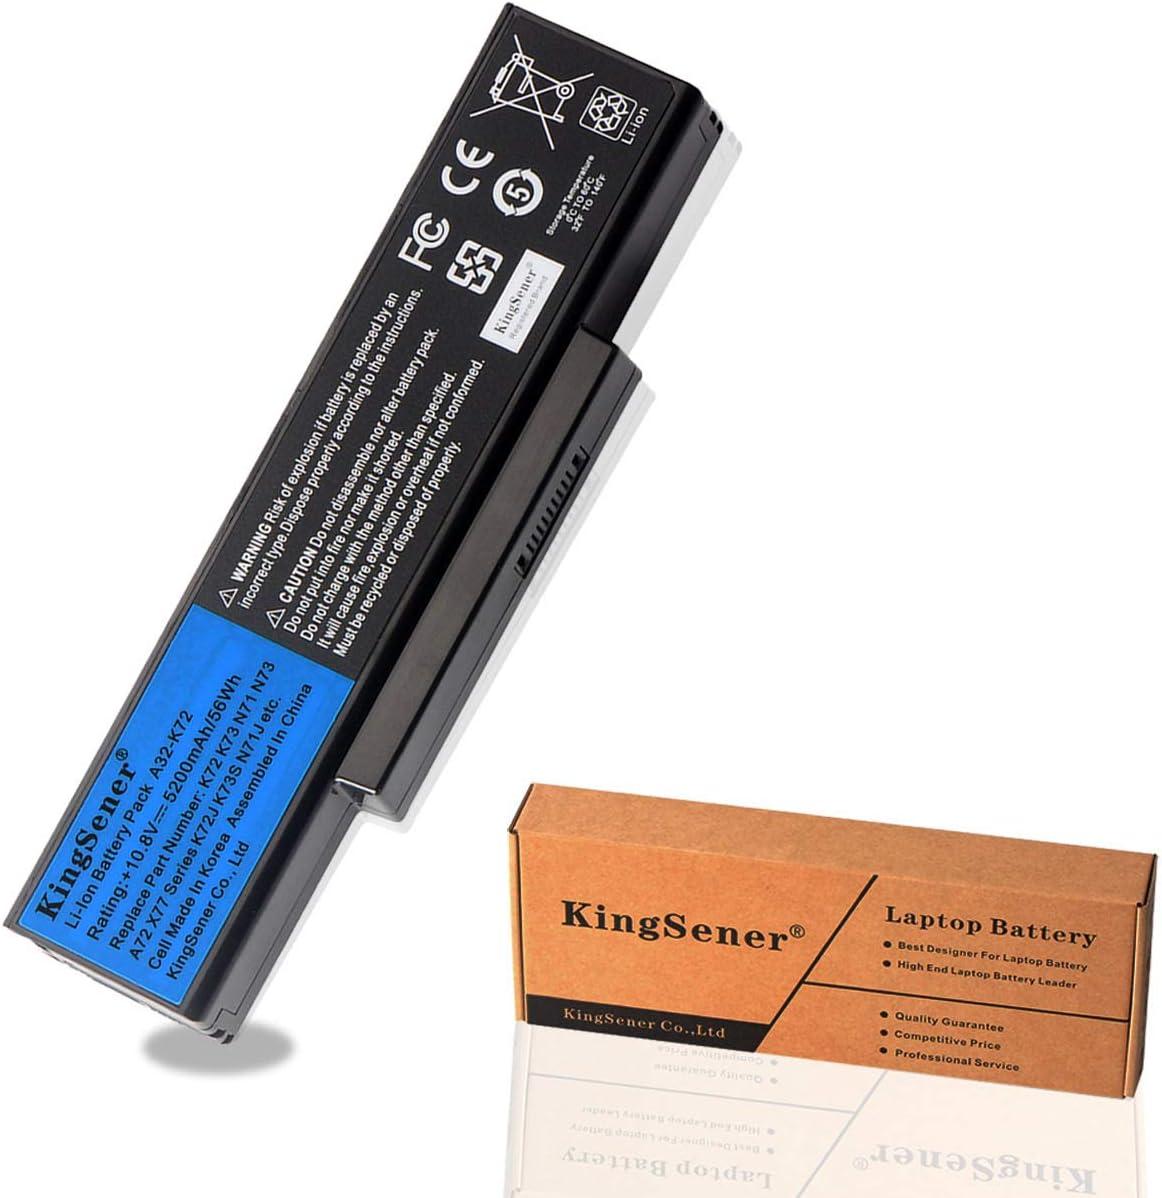 KingSener Korea Cell 5200mAh A32-K72 Laptop Battery for ASUS K72Y K73 K73B K73BR K73BY K73E K73J K73JK K73S K73SD K73SJ K73SM K73SV K73T